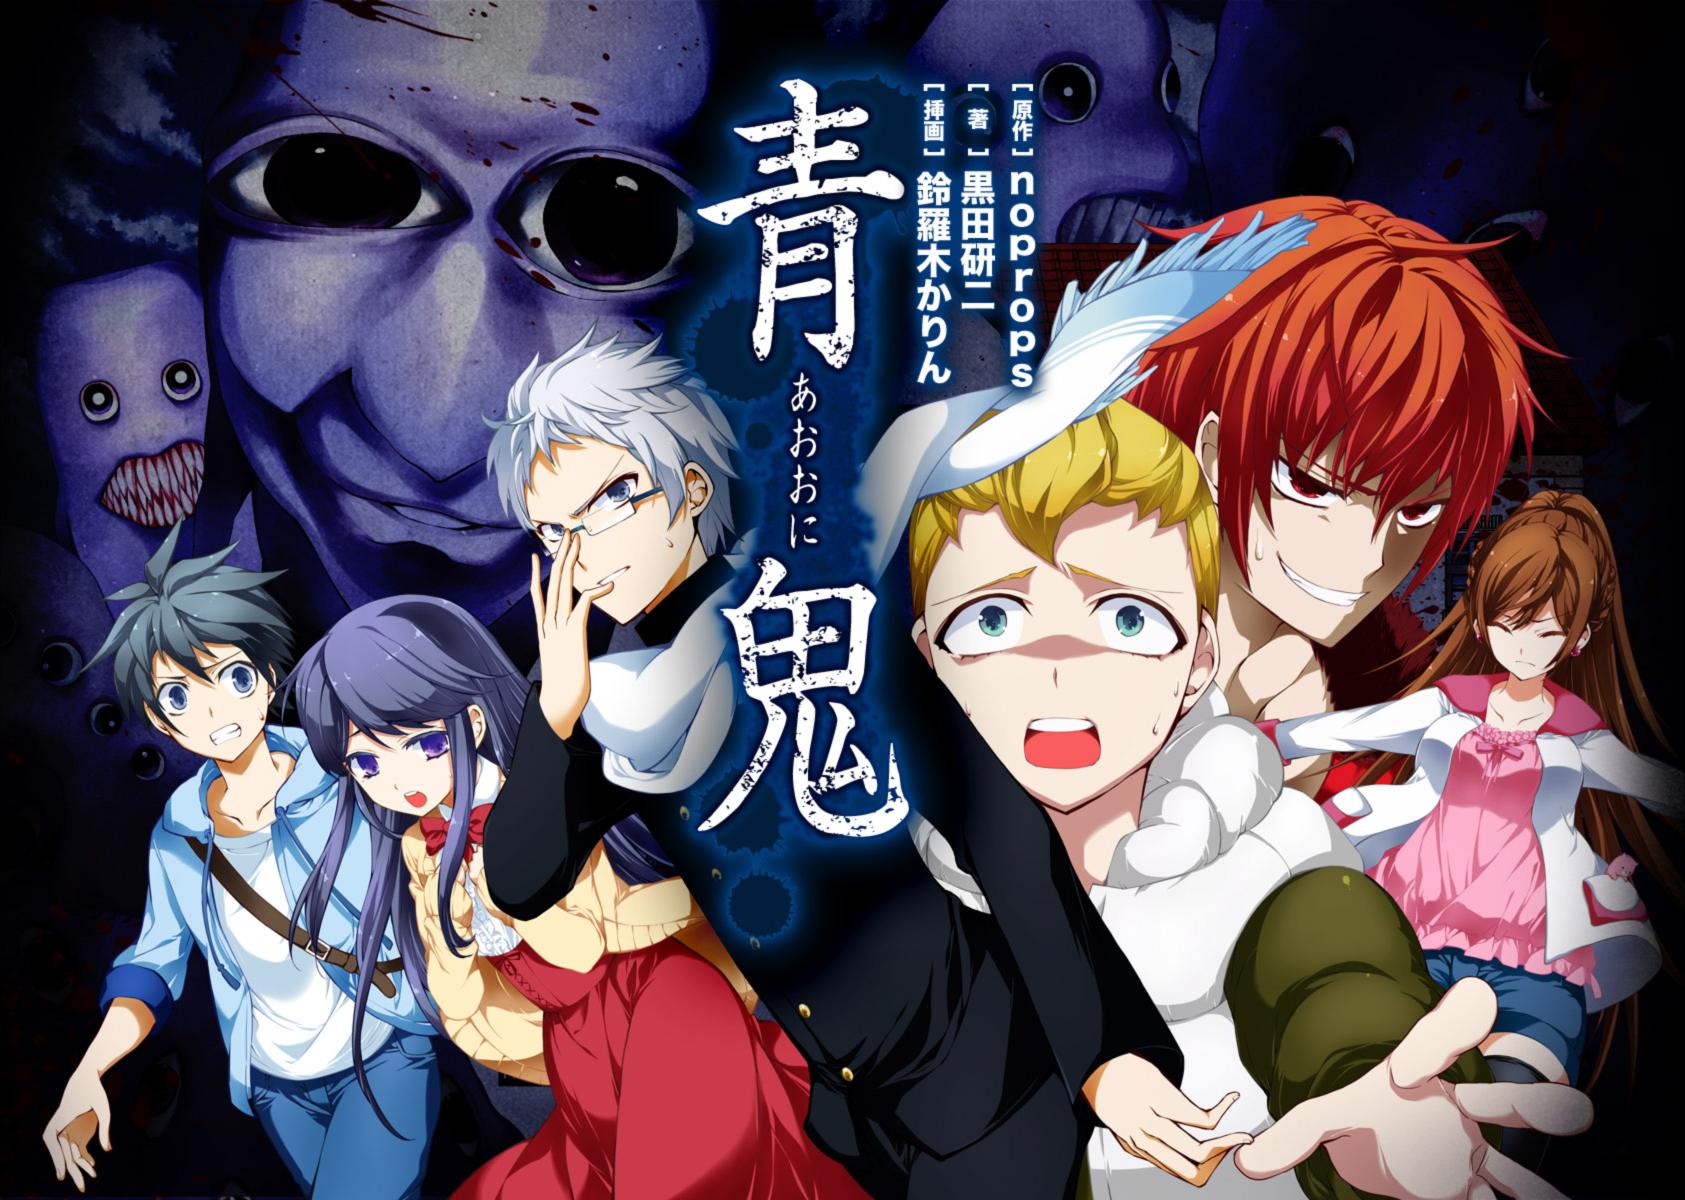 Resultado de imagen para Ao Oni anime